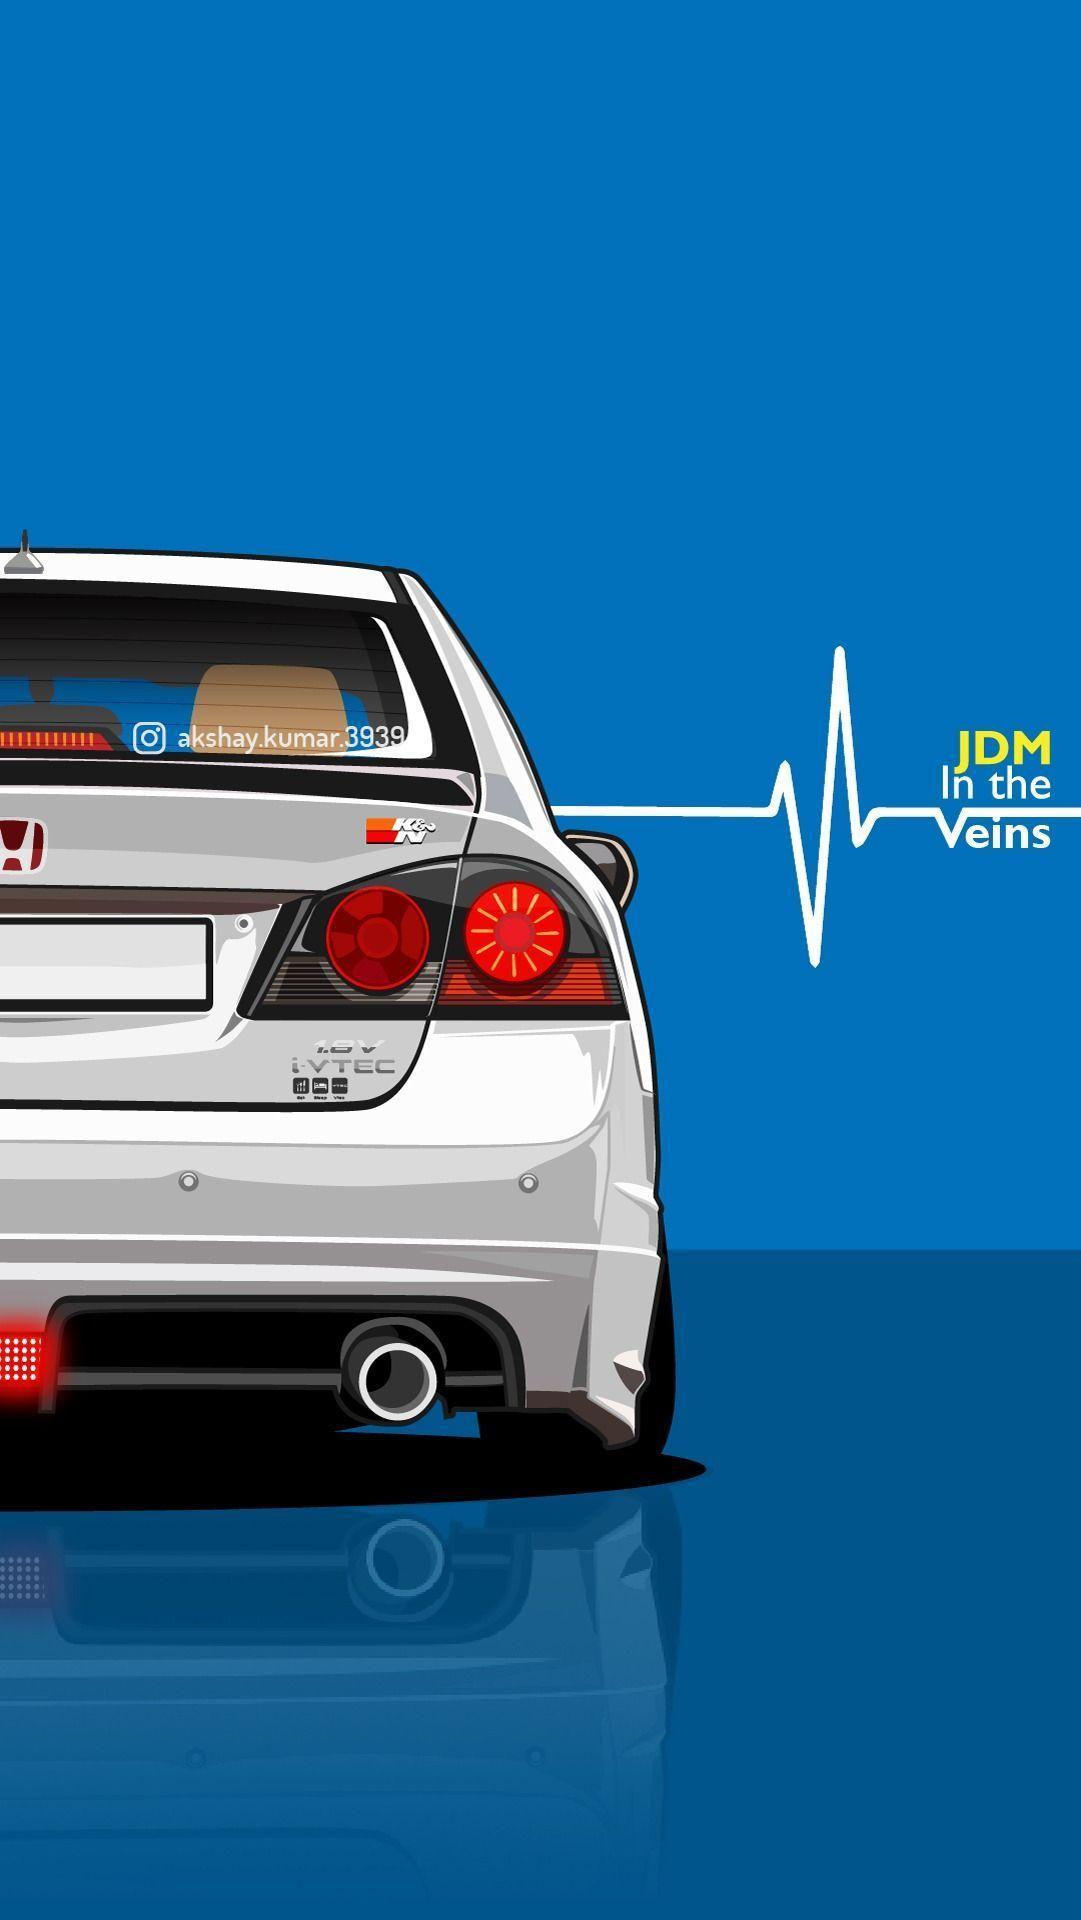 Honda Civic Wallpaper Indian Cars Wallpaper Civic Fd2 Jdm Wallpaper Phone Wallpapers Cars Civic Fd2 Honda In 2020 Jdm Wallpaper Honda Civic Car Civic Jdm